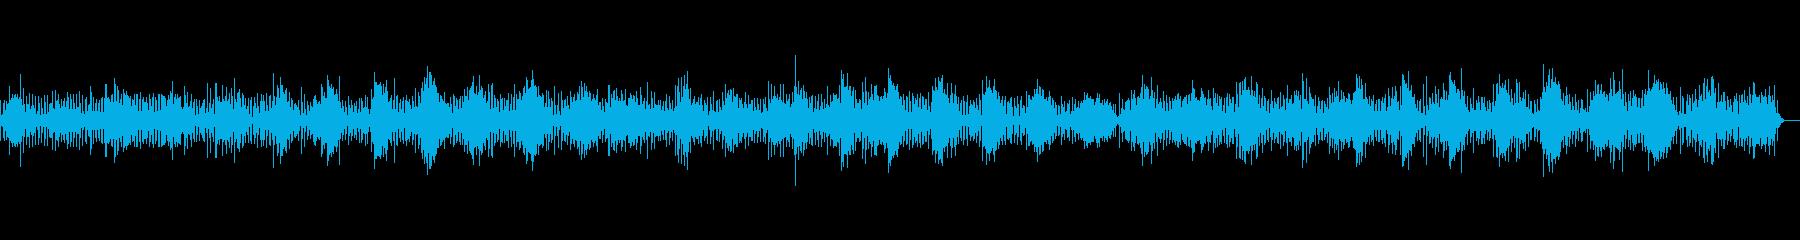 ニュース映像、デジタル製品動画向け電子音の再生済みの波形